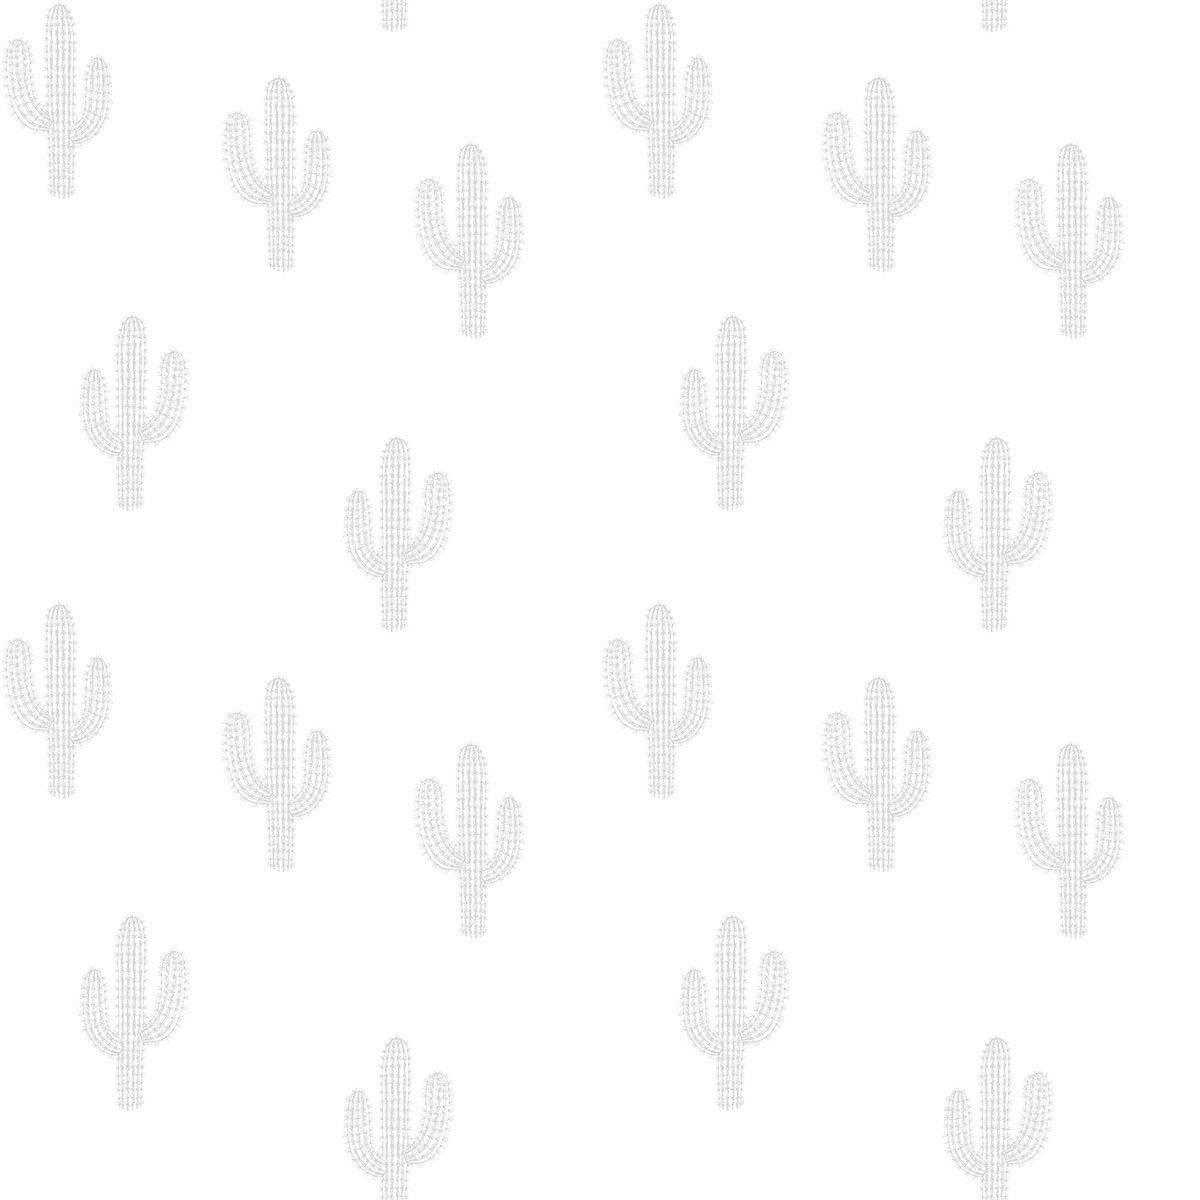 Papier peint Wild West - Papier Peint - Motif Cactus Gris Wild West - Papier Peint - Motif Cactus Gris